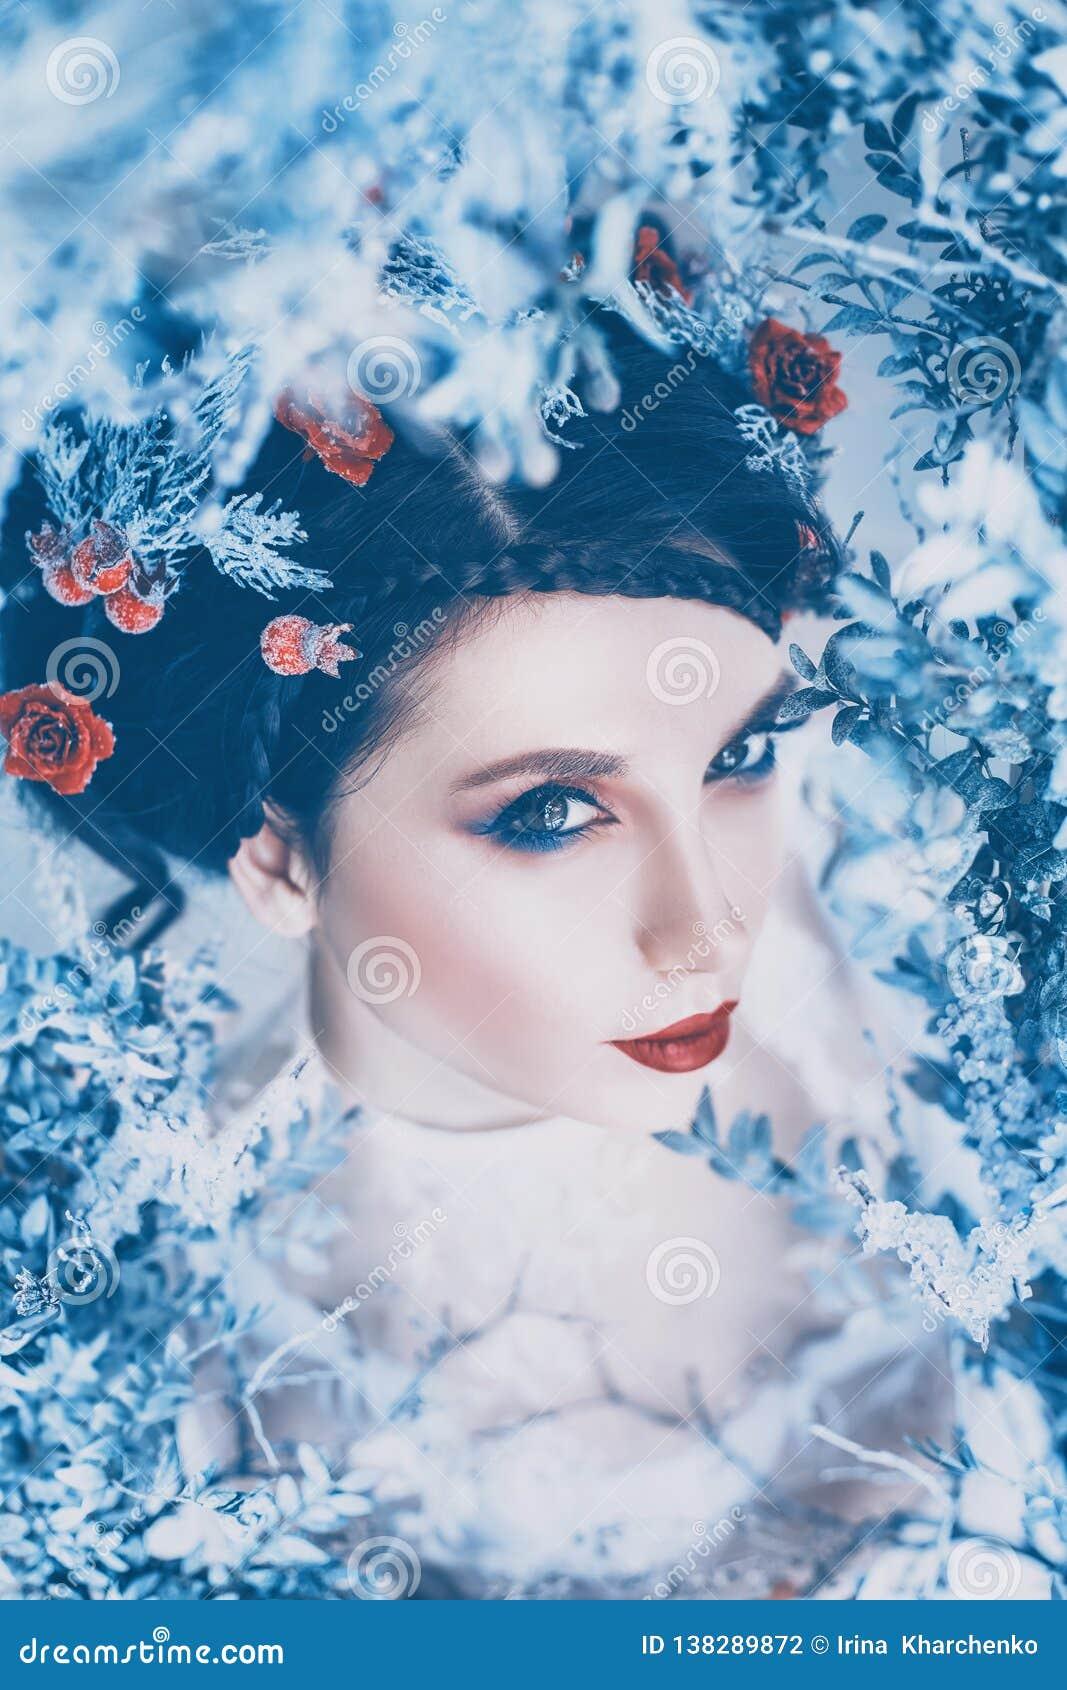 Reine majestueuse fière de l hiver et du froid éternel dans la longue robe blanche avec les cheveux rassemblés foncés ornés avec